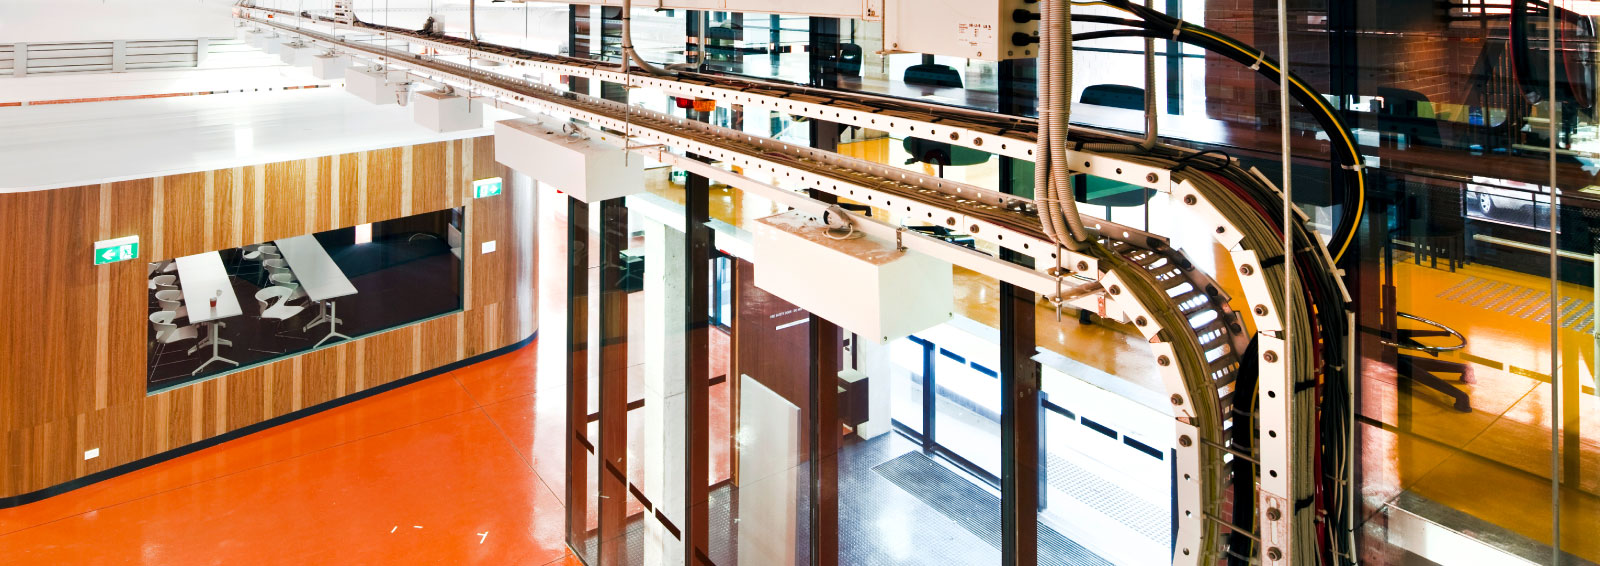 Image Courtesy of H2o Architects